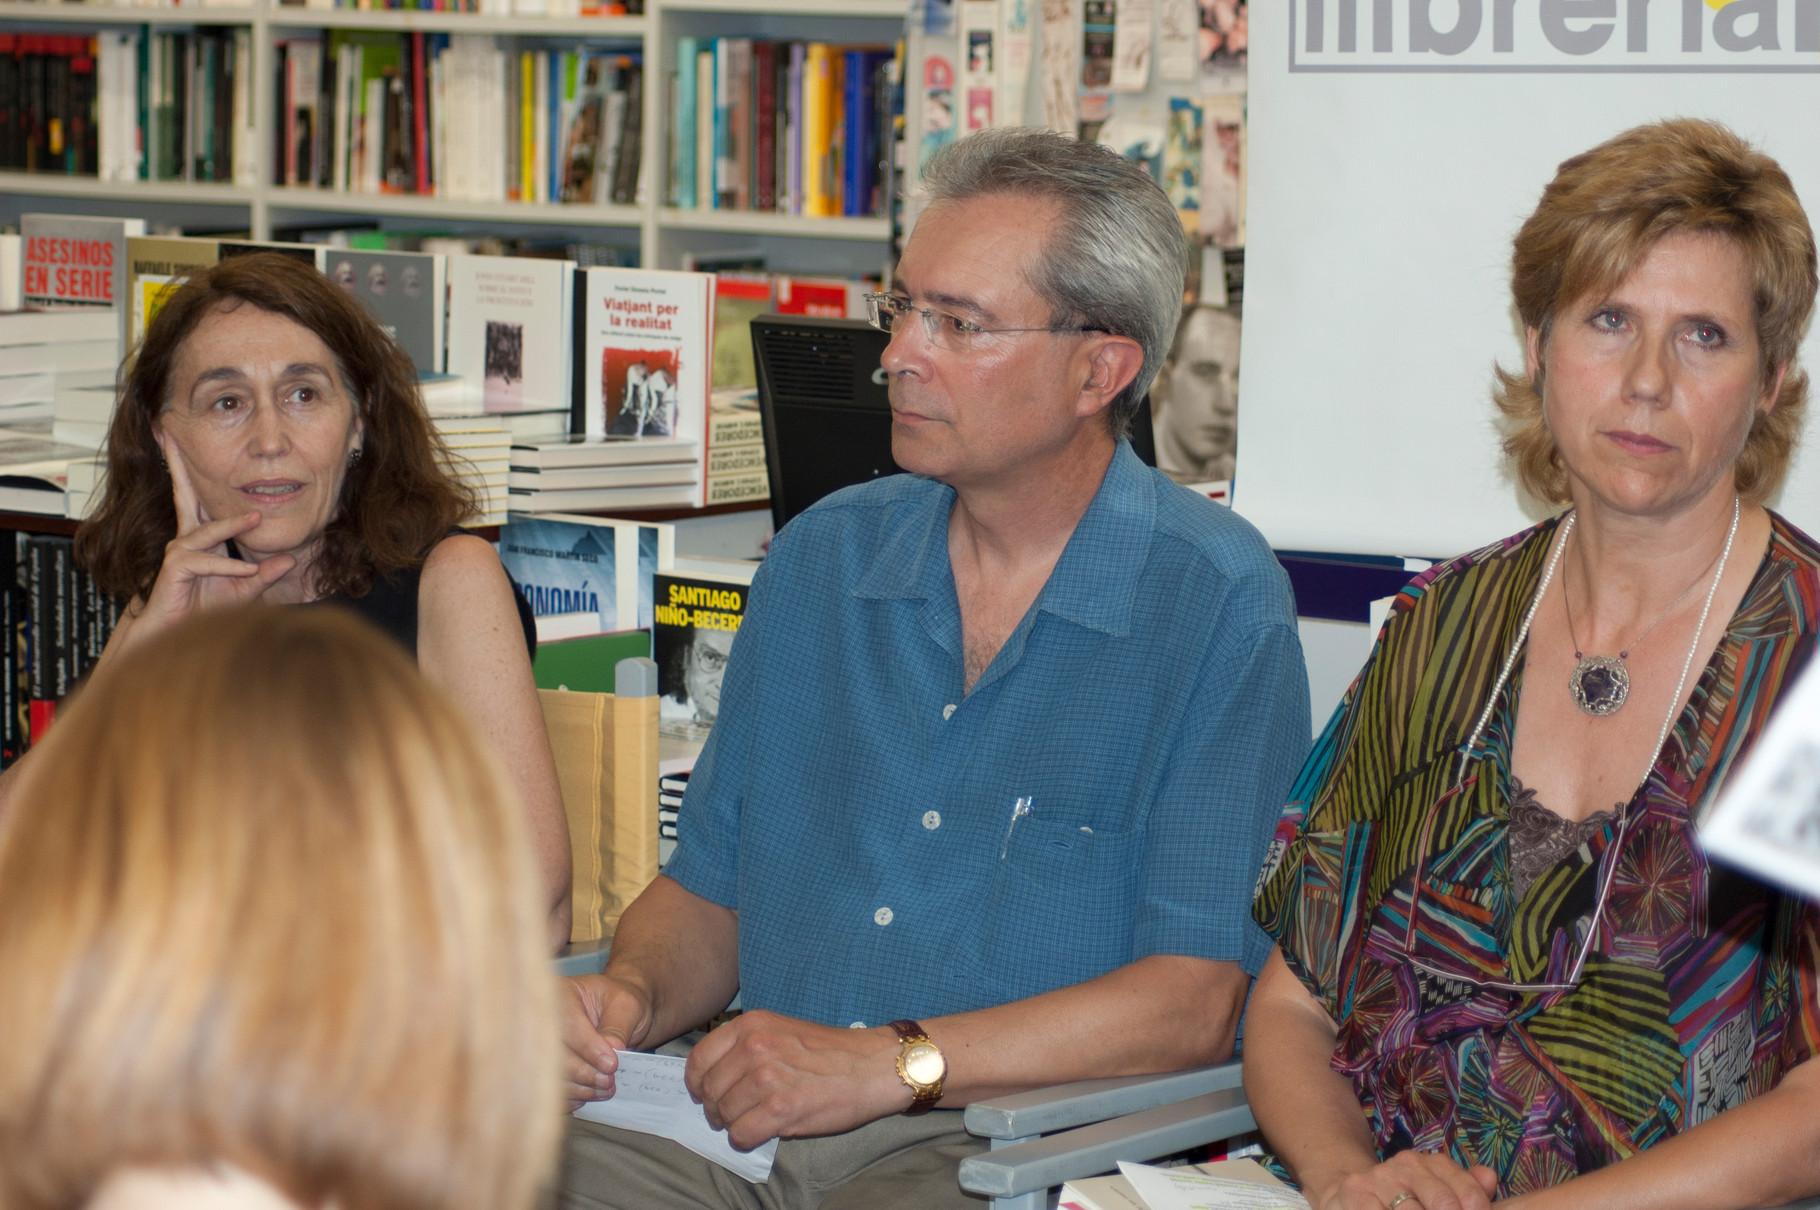 Jaume Bosquet, un dels traductors. Llibreria 22. Girona, 2012